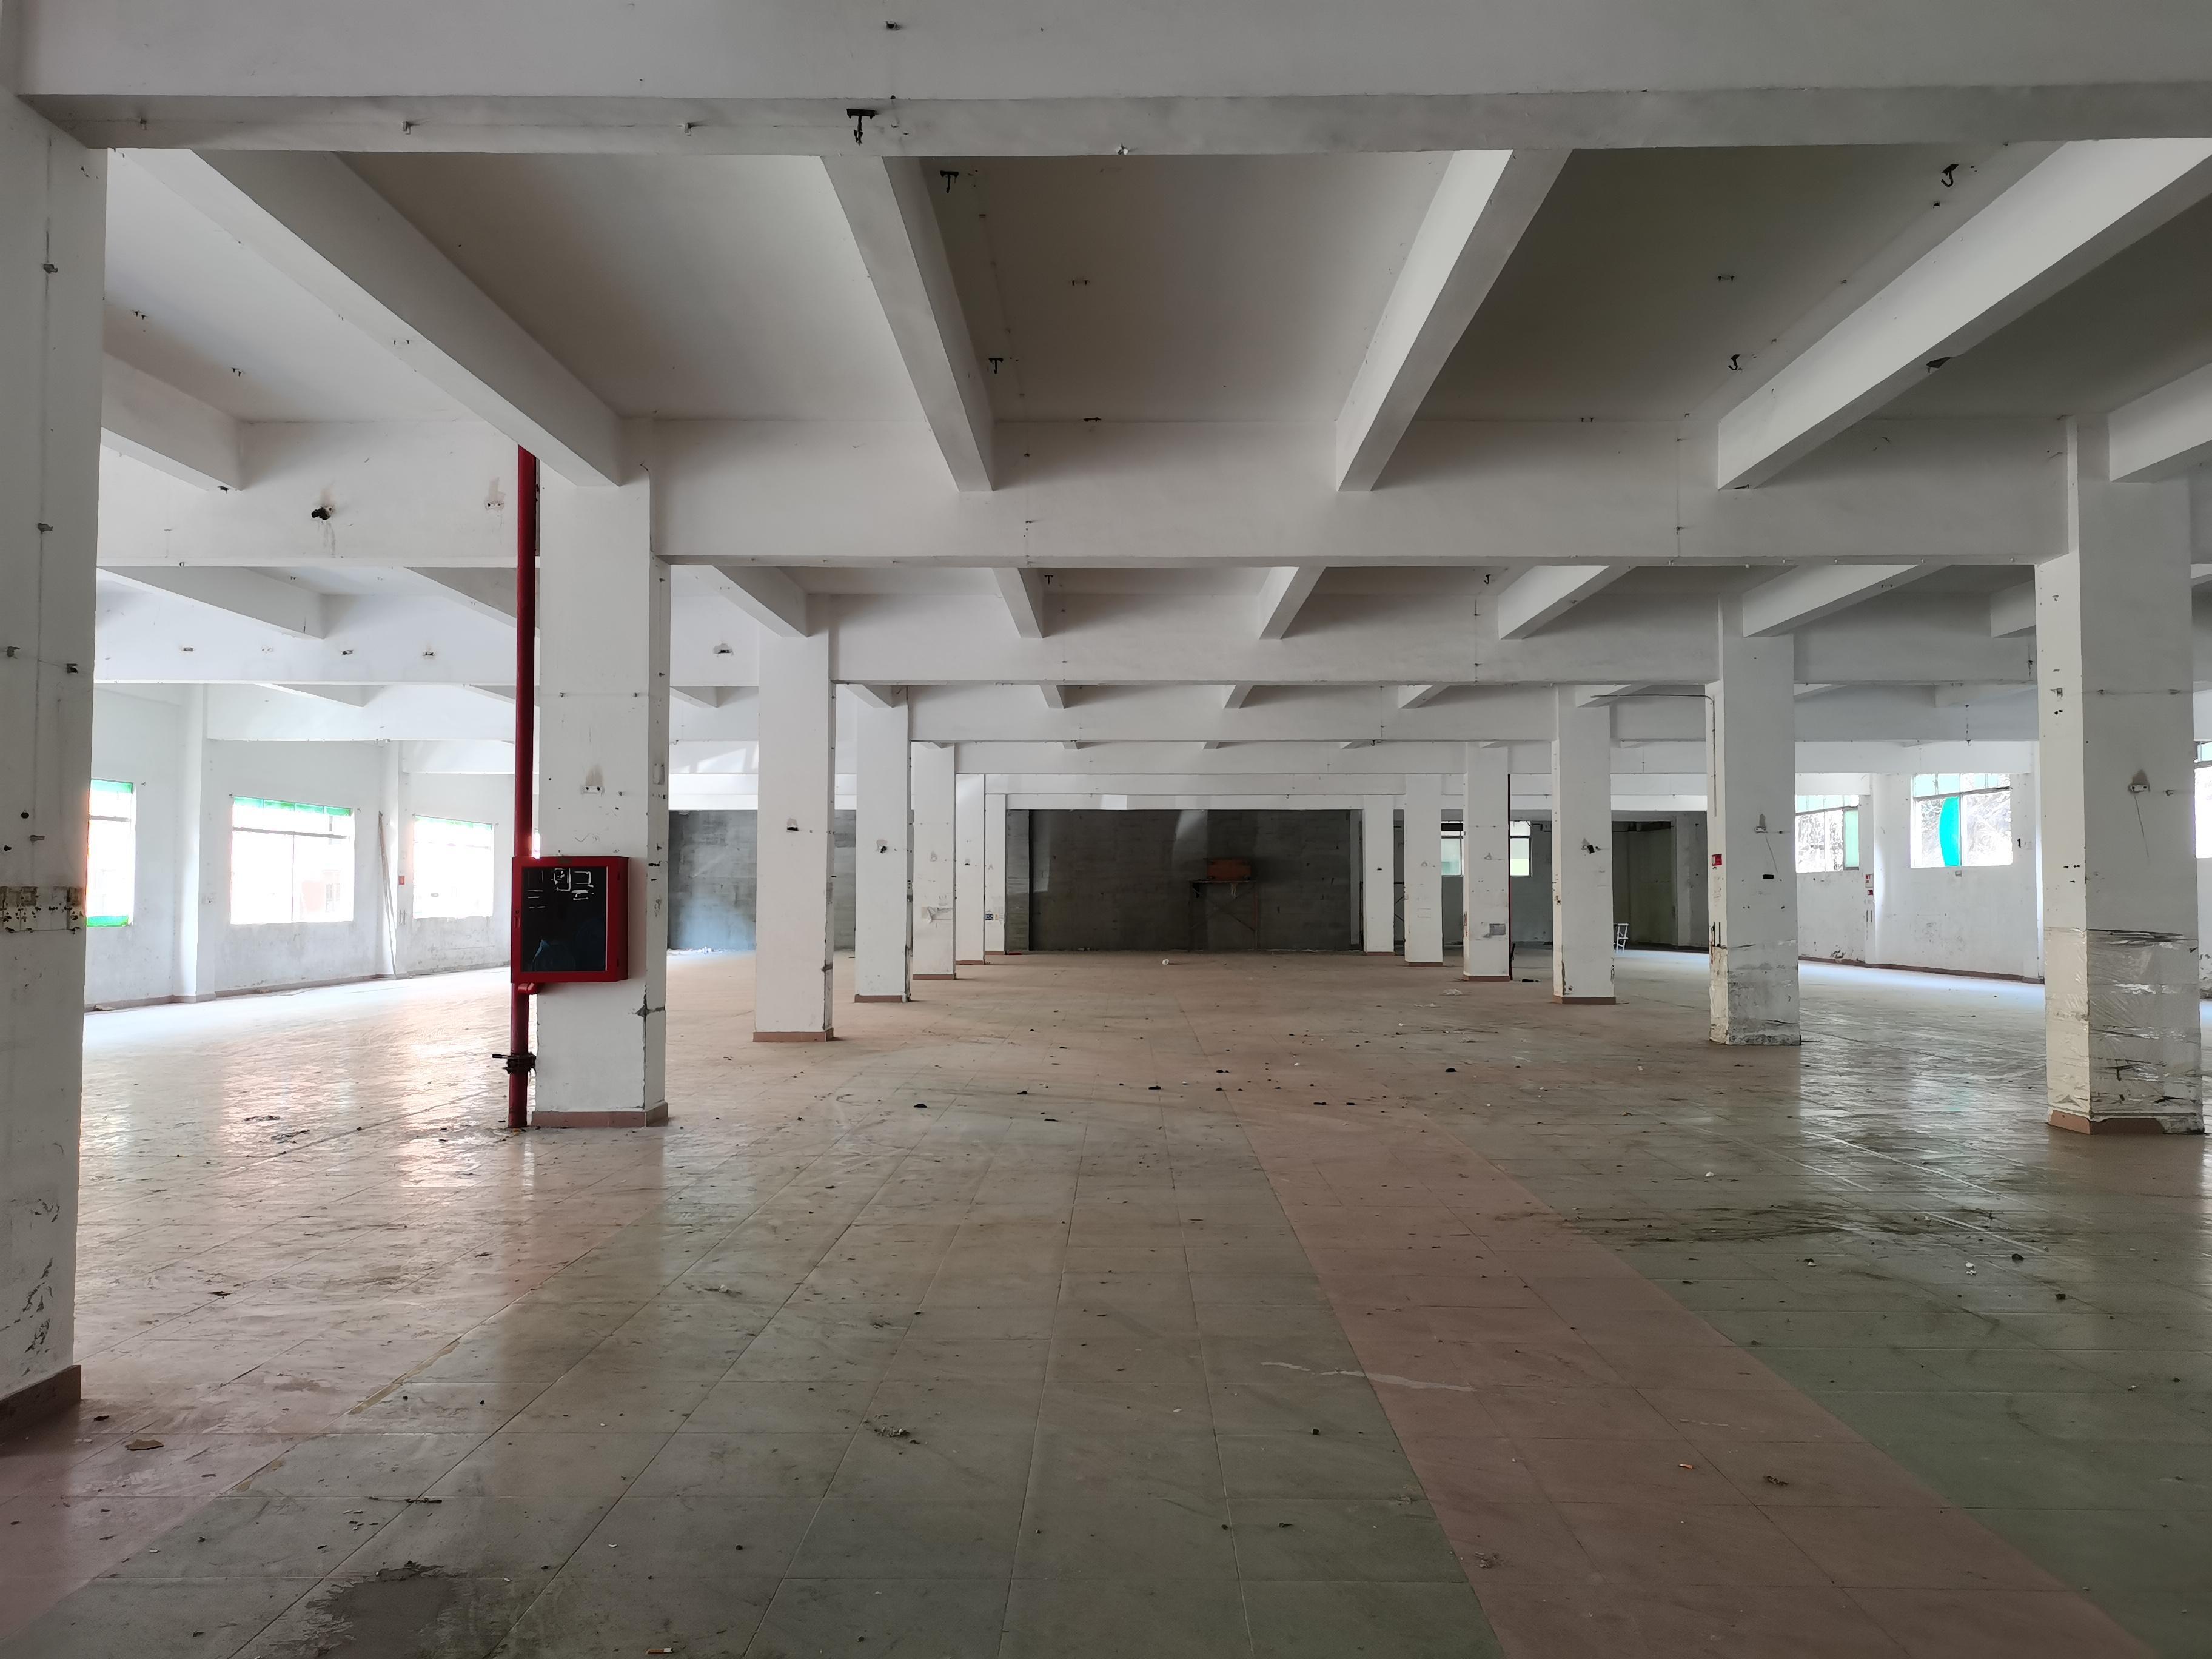 深圳南山西丽全新升级厂房出租适合办公仓库电子电商贸易轻加工